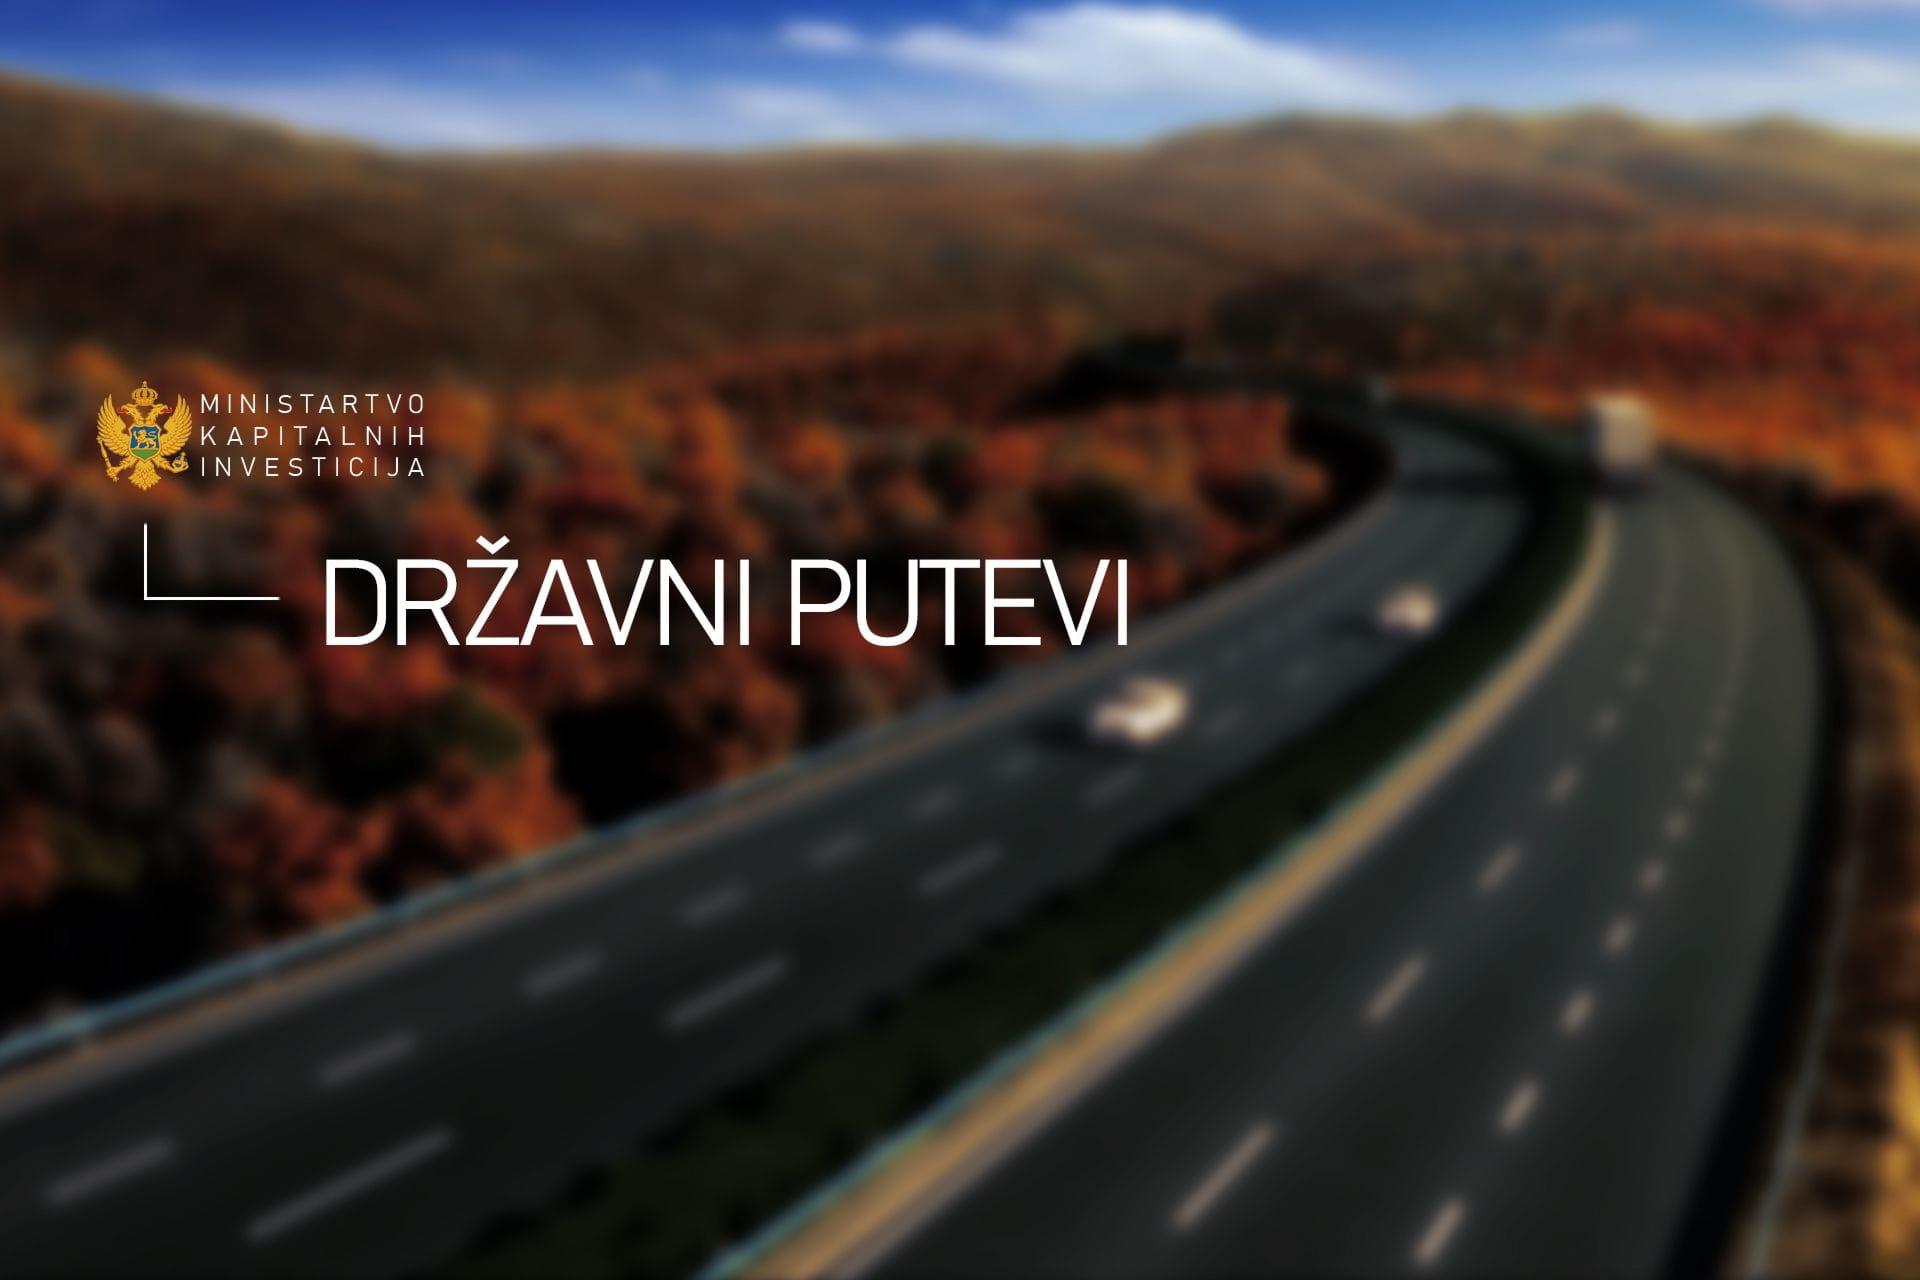 Državni putevi